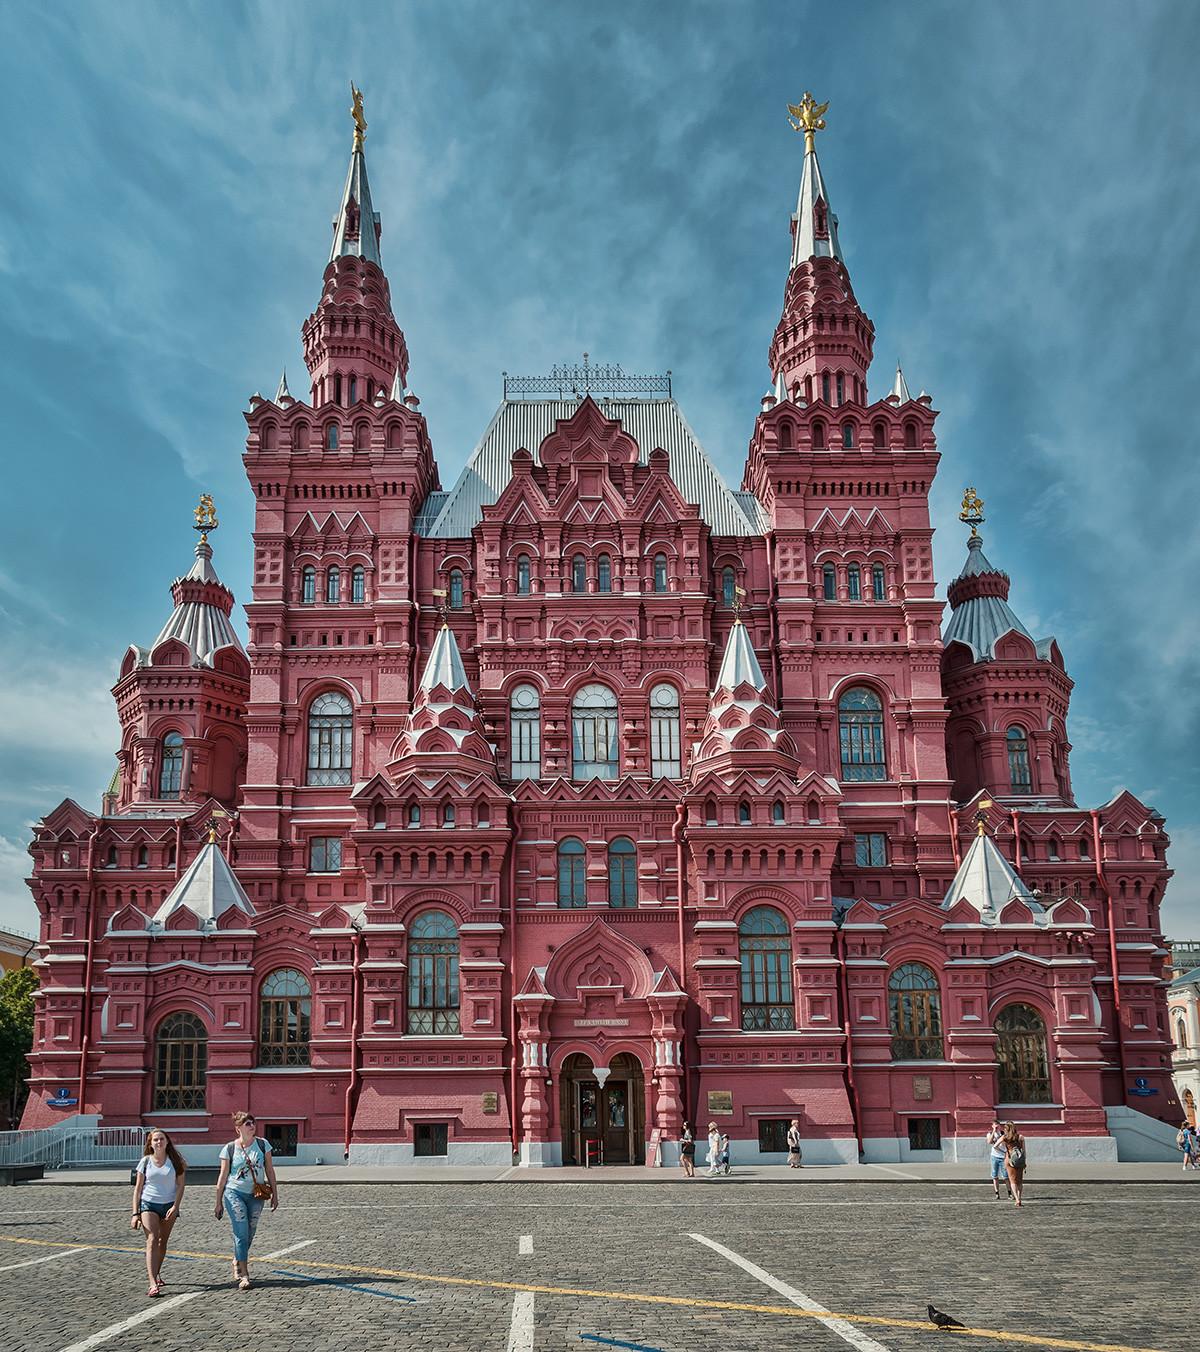 Staatliches Historisches Museum